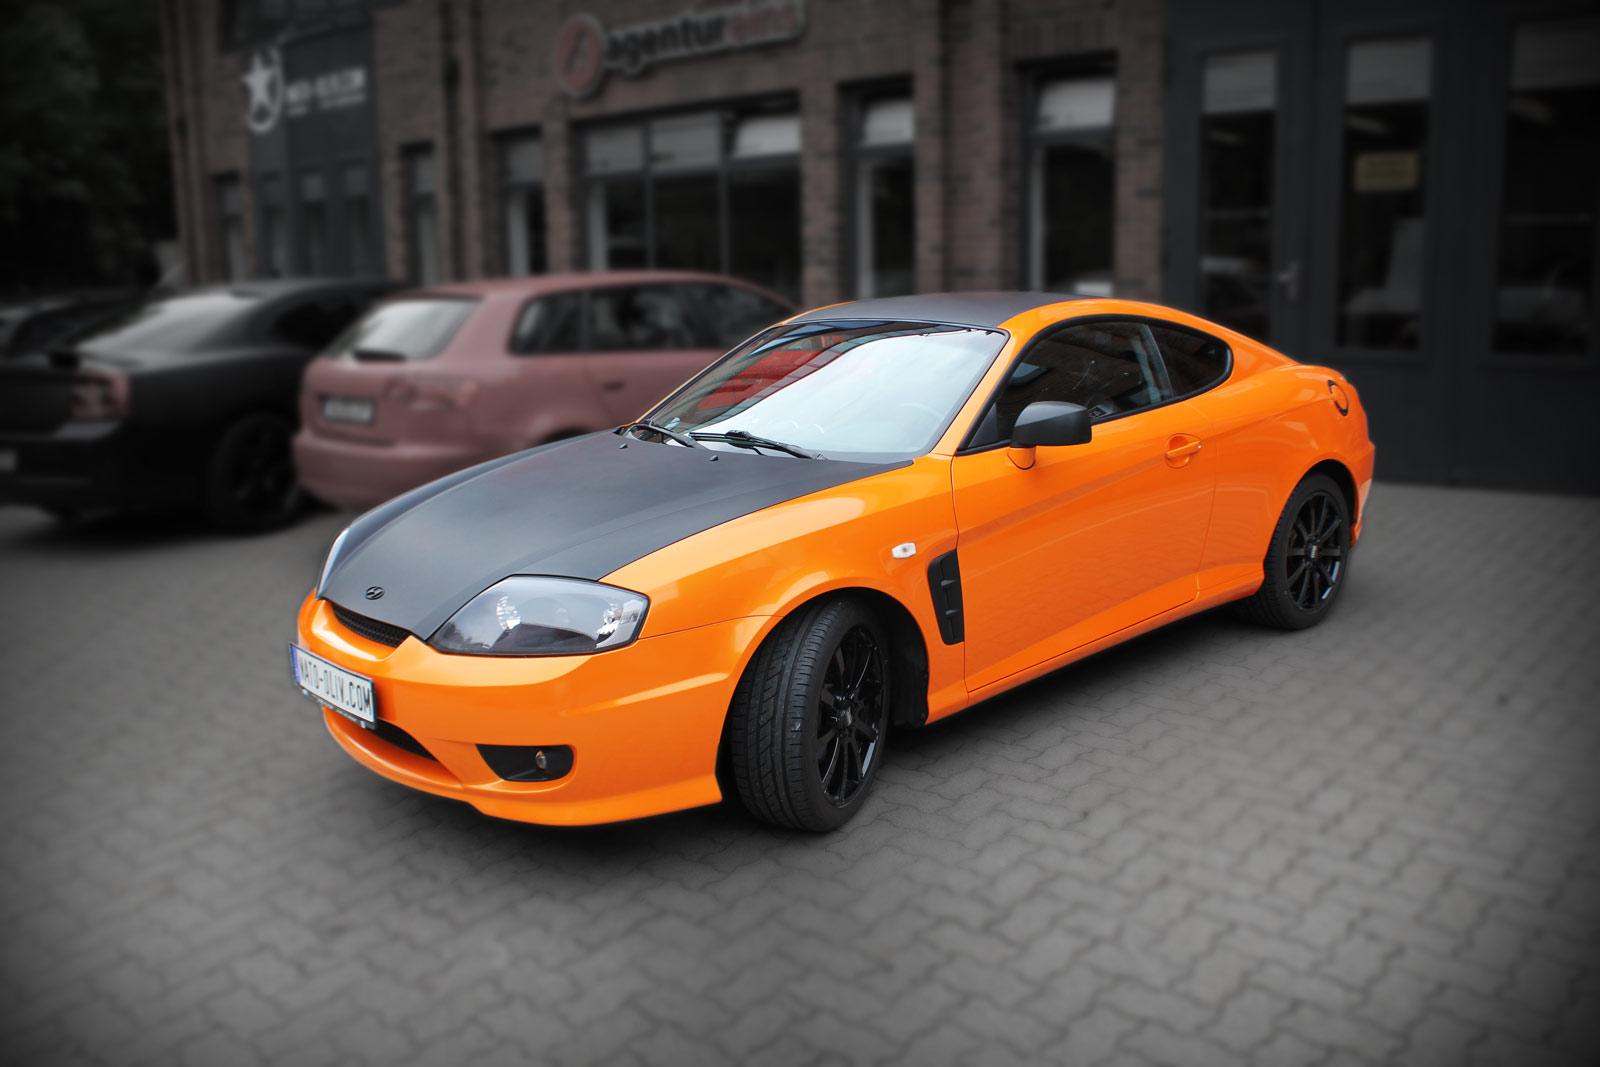 Hyundai Coupe Folierung in Orange metallic und Ultra Schwarz matt.